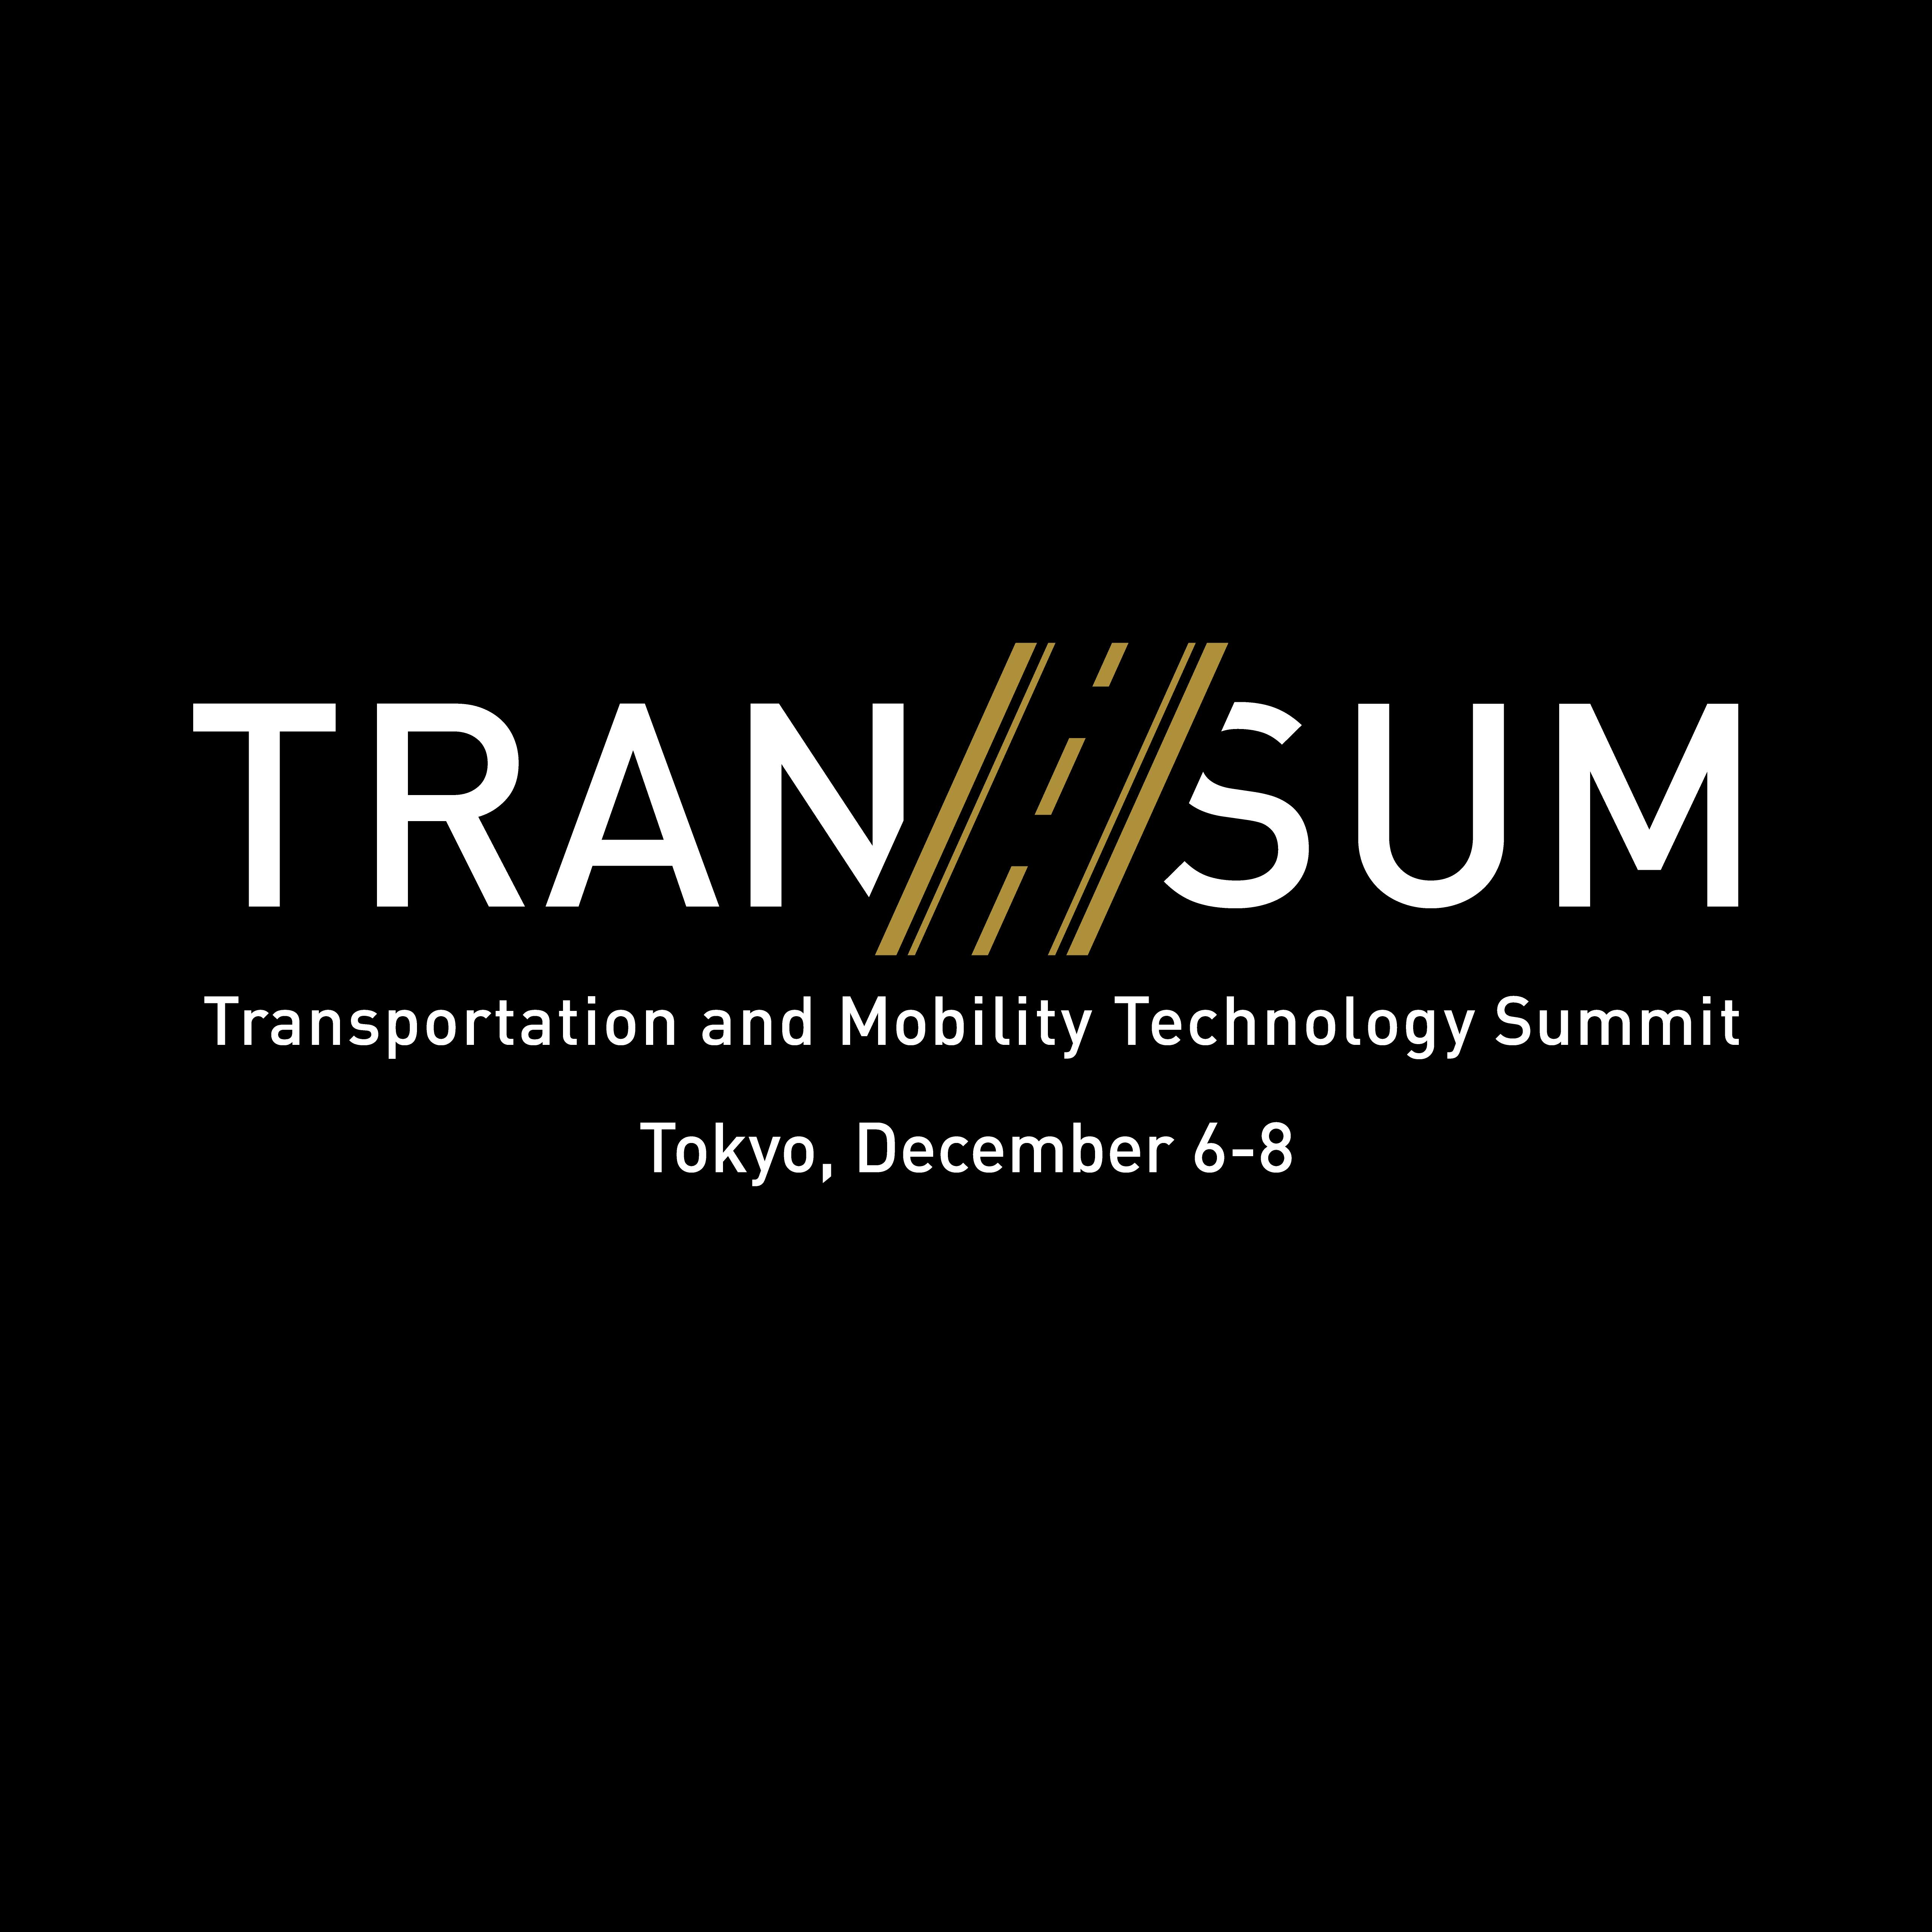 日本経済新聞社主催「TRAN/SUM」にてGROUND代表の宮田がパネルセッションへ登壇